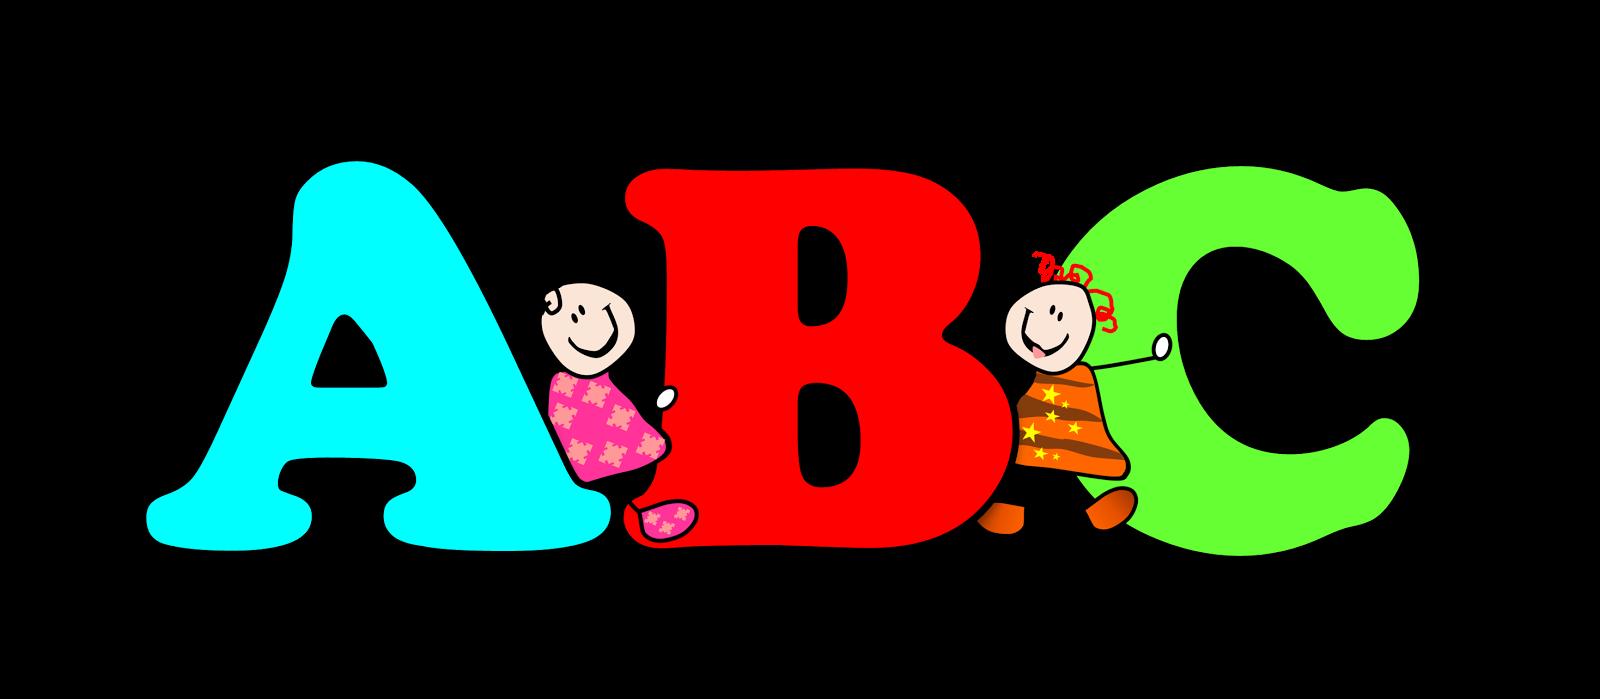 Letter clipart abc Clipart Art Free  ABC